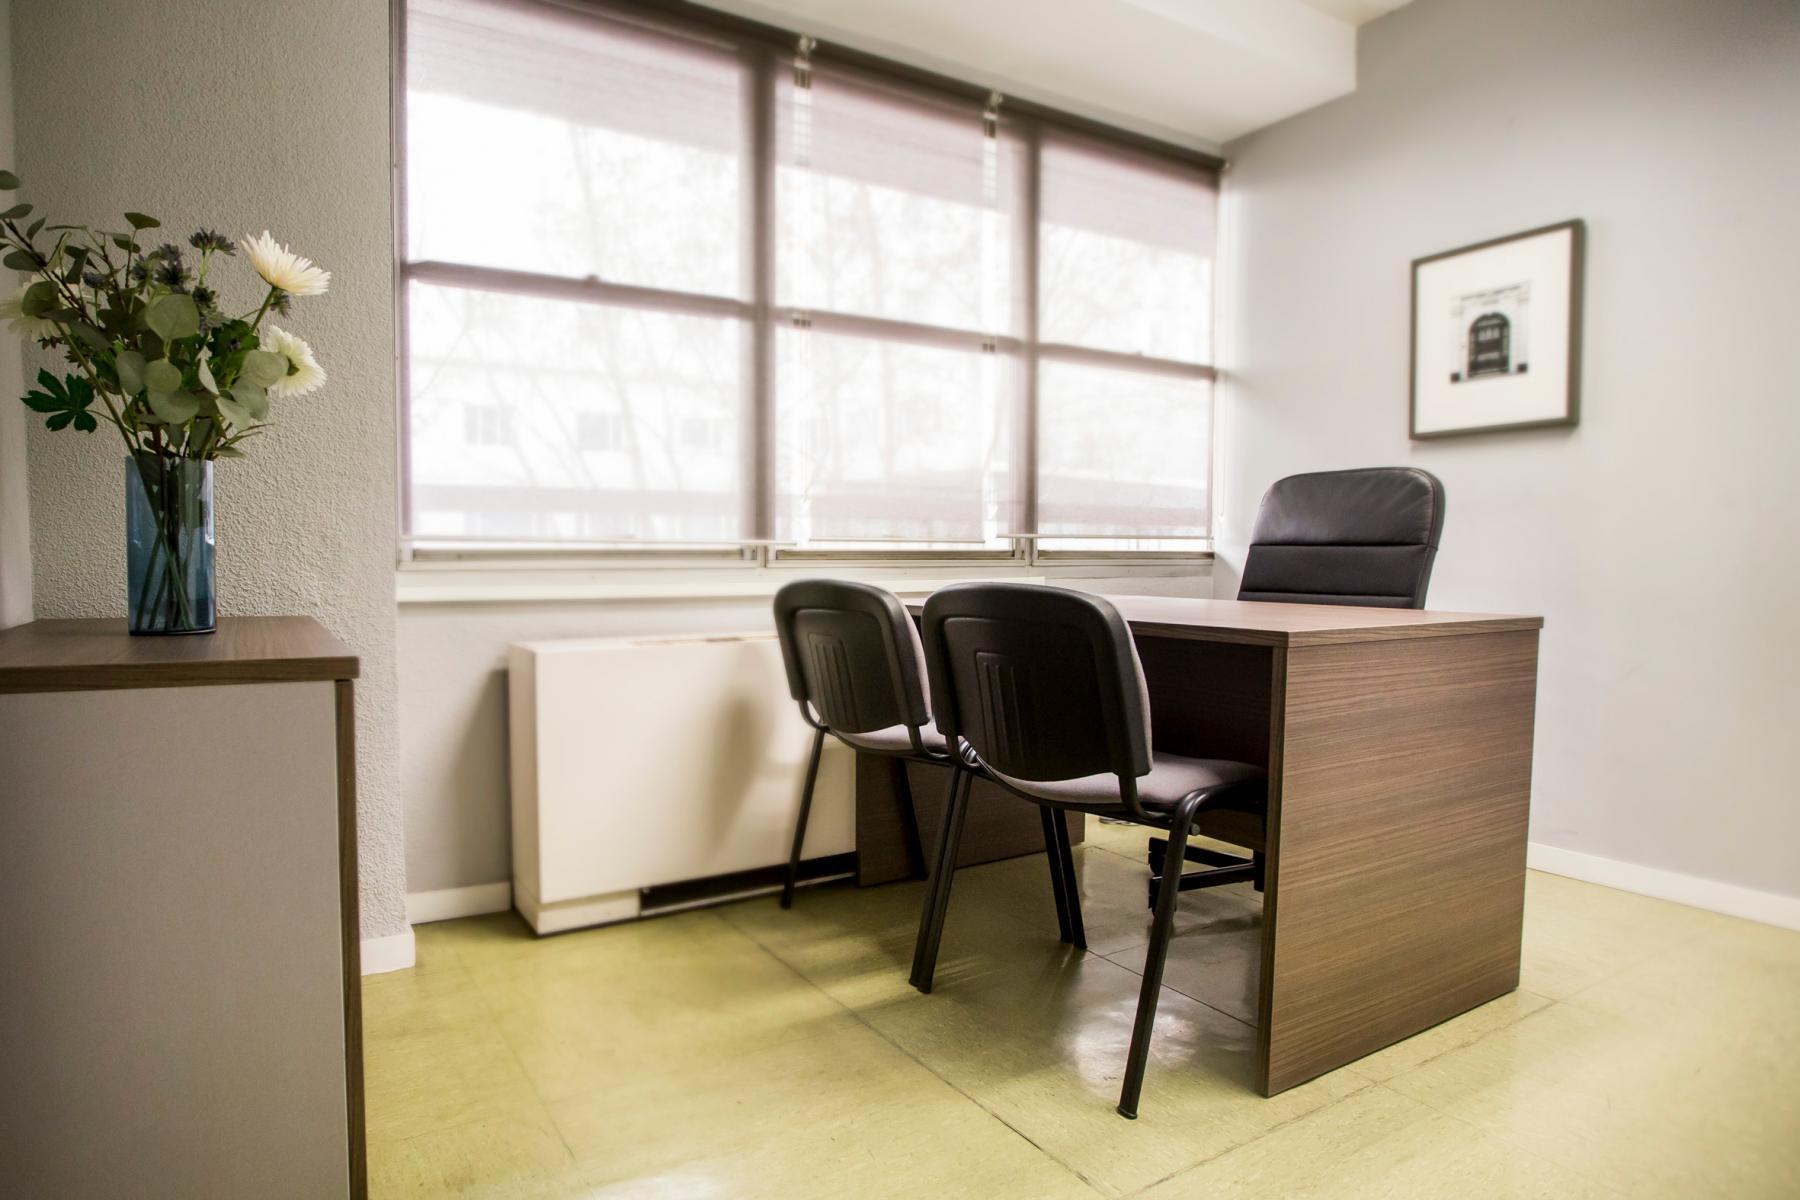 Alquilar oficinas Plaza de José Moreno Villa 2, Madrid (2)